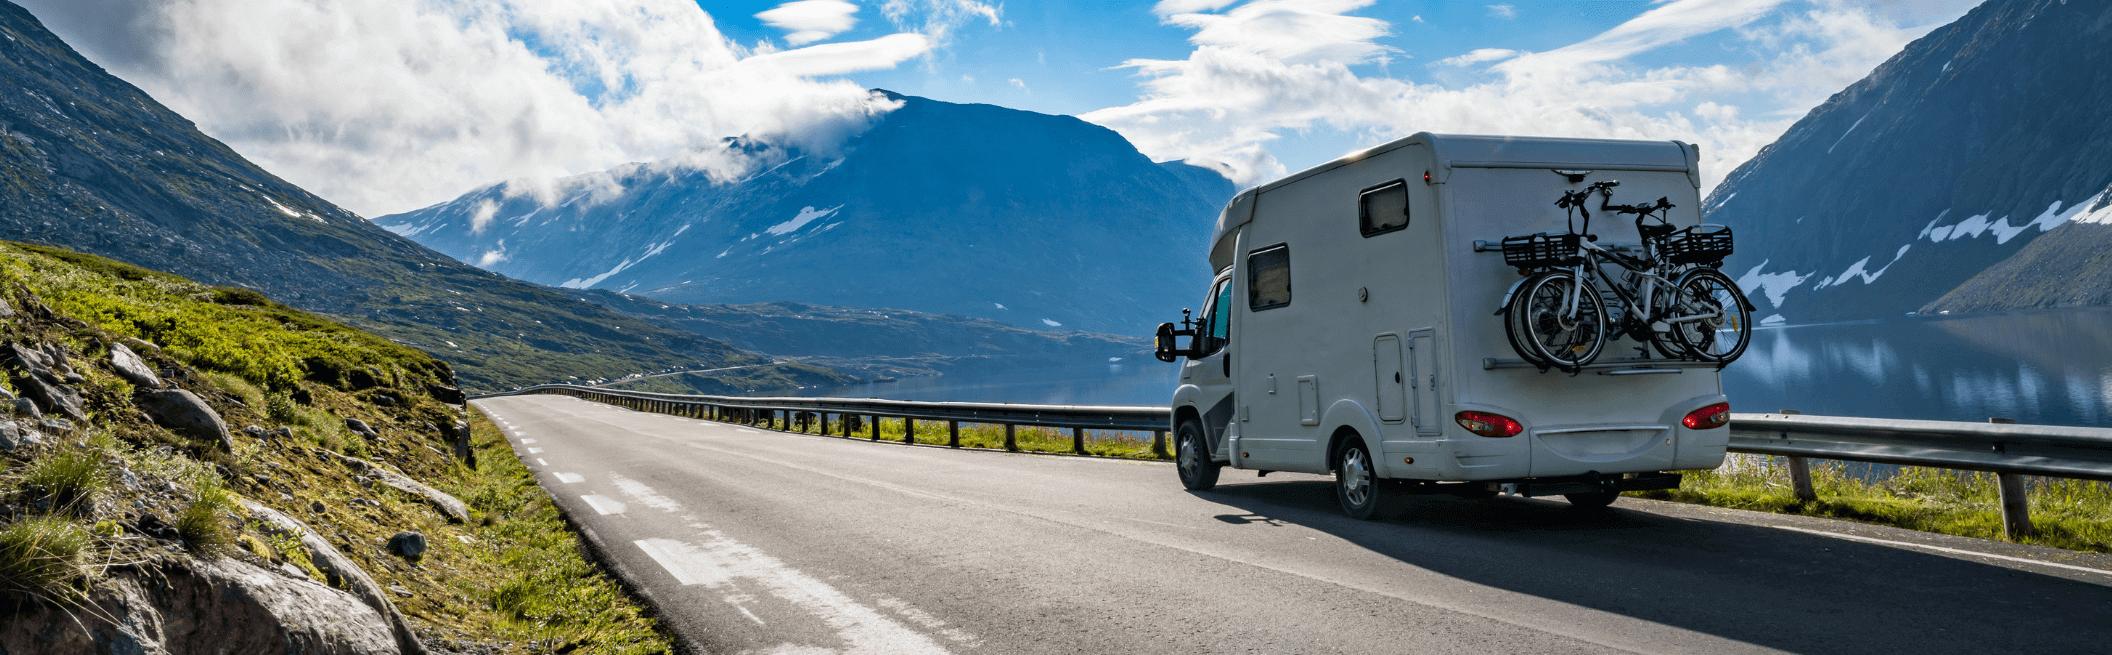 Compare LMC Caravan Insurance Quotes | QuoteSearcher